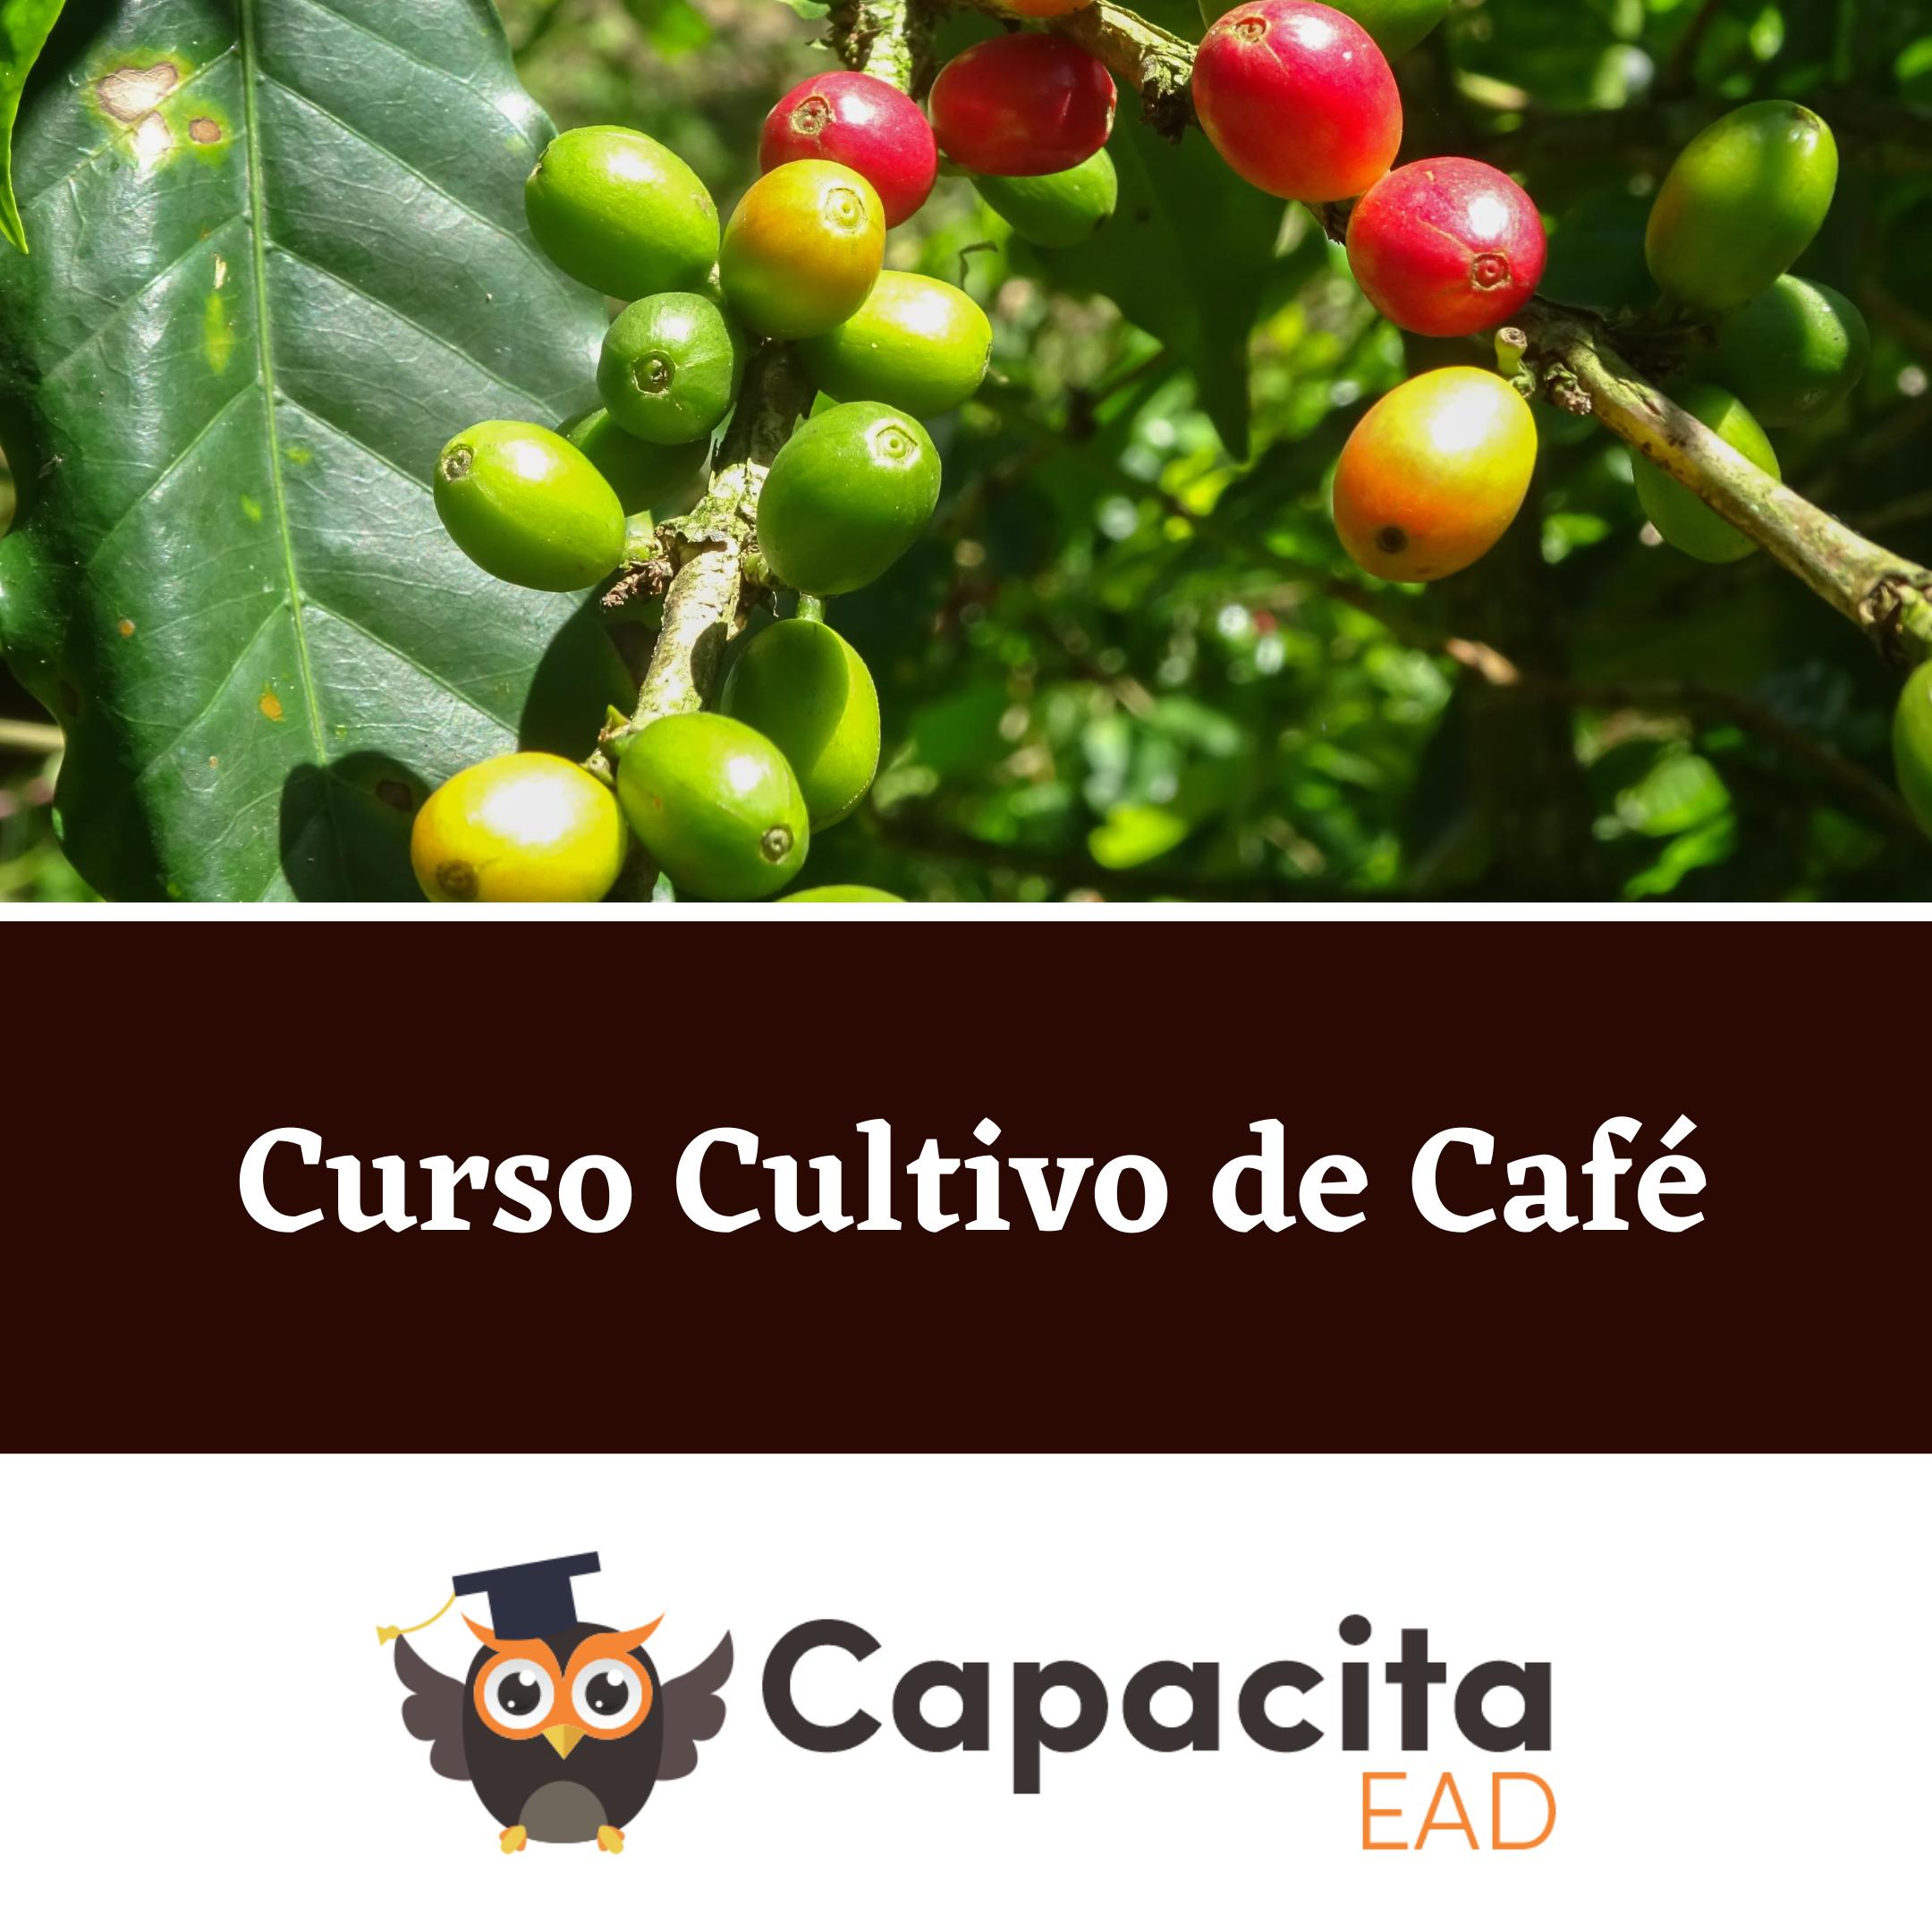 Curso Cultivo de Café